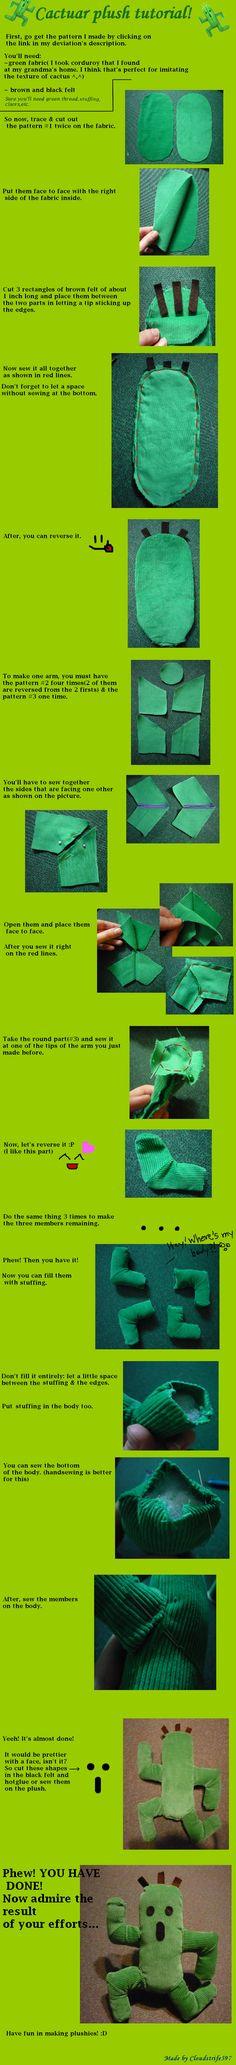 Cactuar plush tutorial by cloudstrife597.deviantart.com